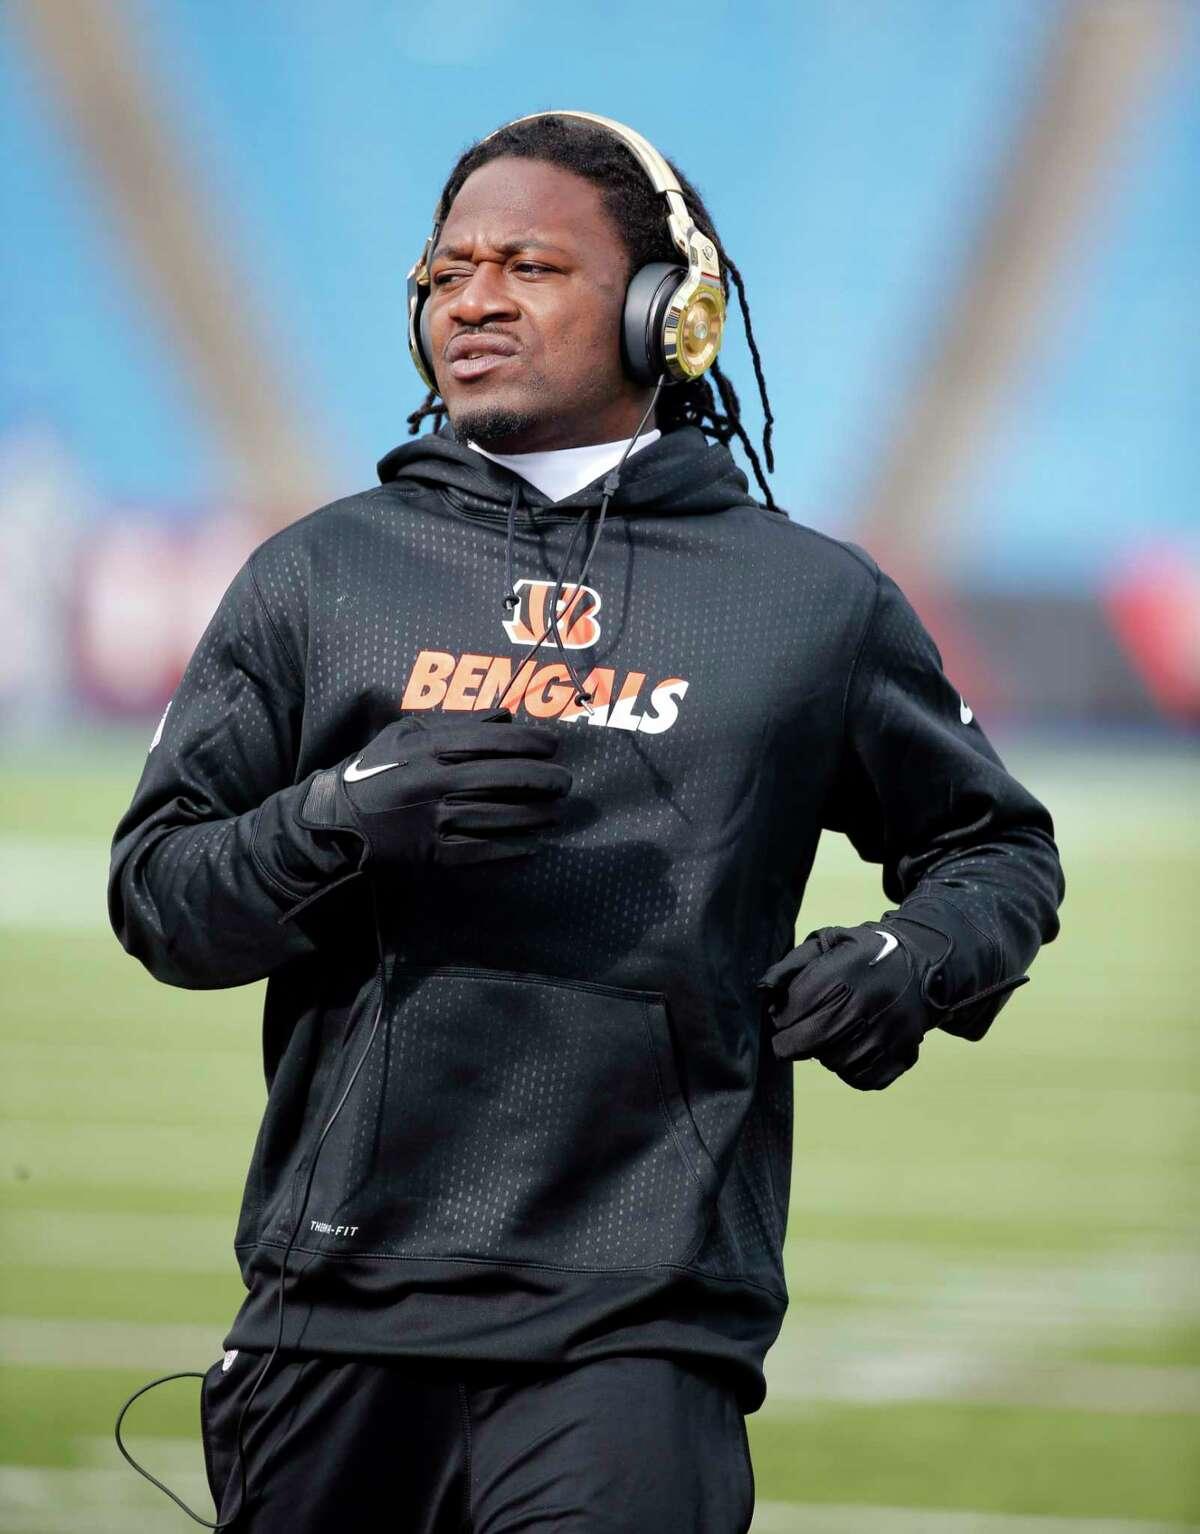 Cincinnati Bengals cornerback Adam Jones.